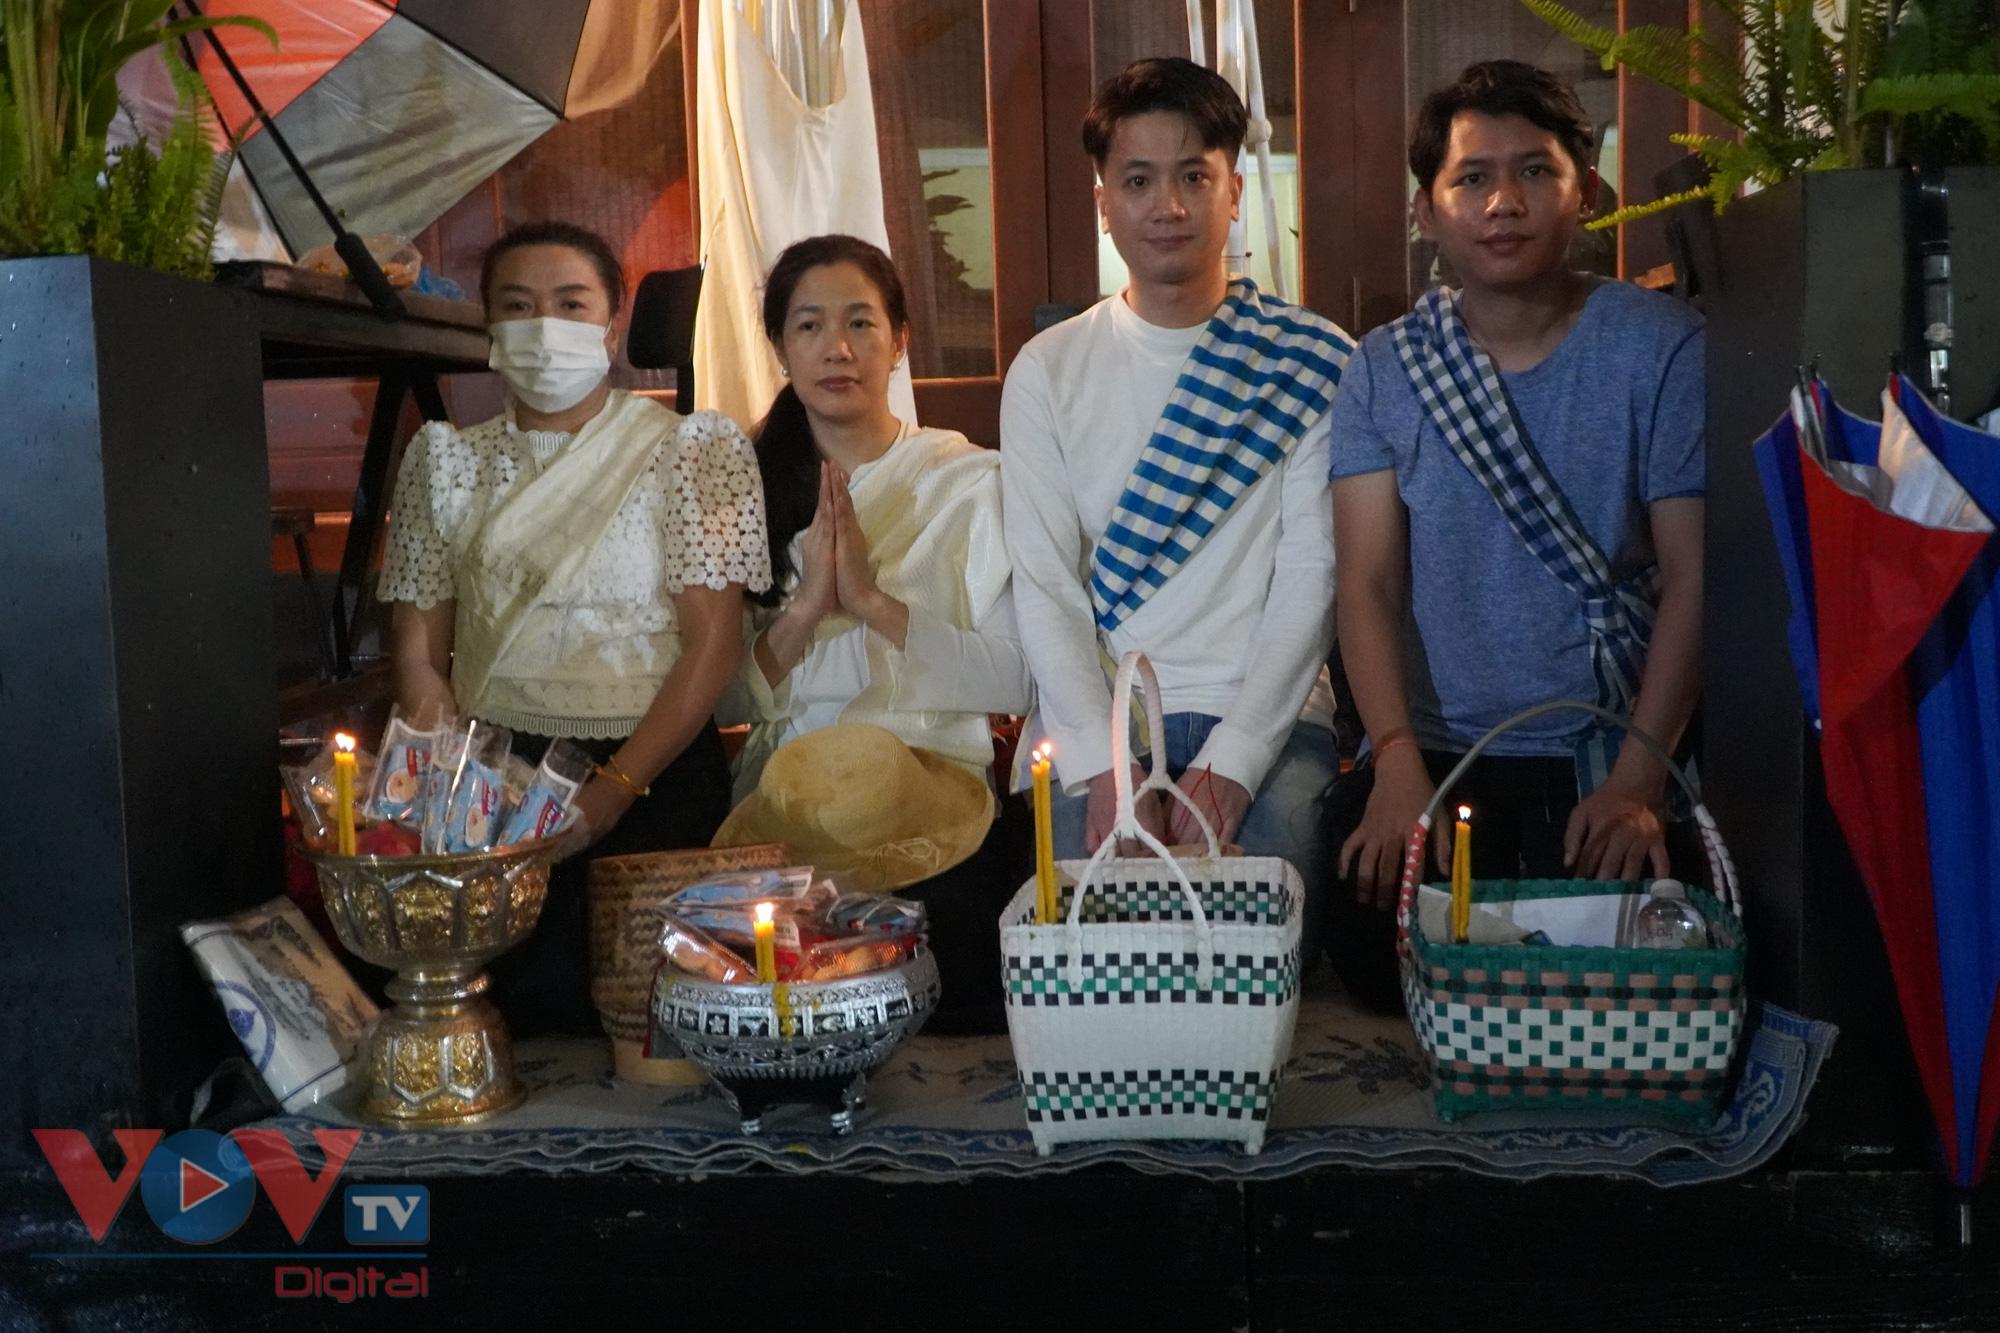 Còn gia đình nhà chị Aminta, hàng năm đều cùng nhau Xaybath vào ngày đầu tiên của Lễ hội Khau Phan Sa để cầu mong một cuộc sống ấm no hạnh phúc cho gia đình, người thân